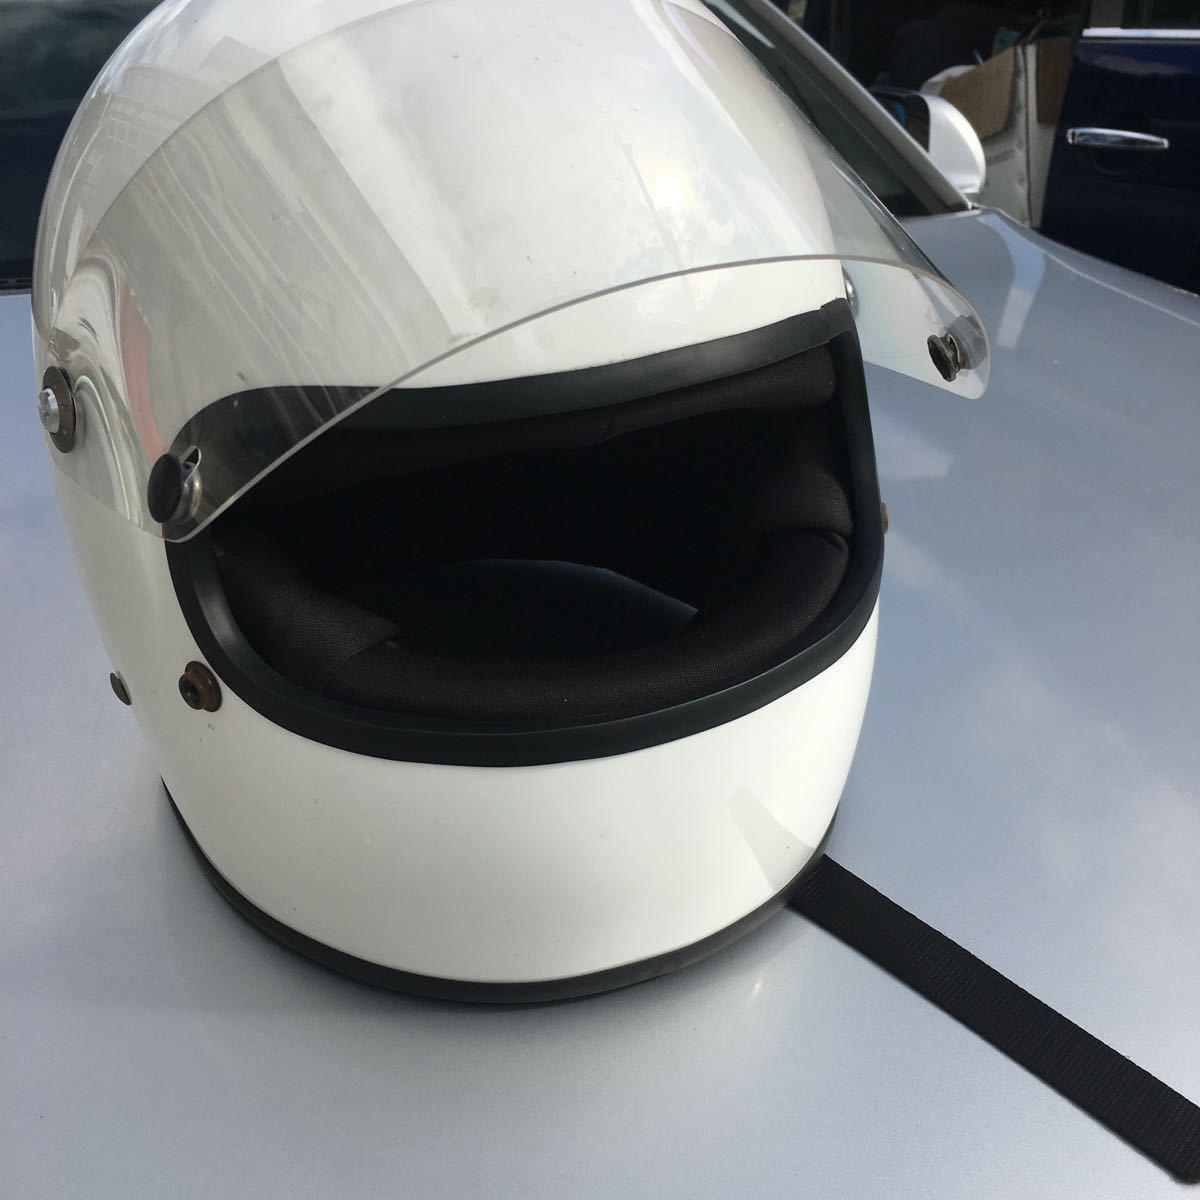 族ヘル 使用回数少 フルヘェイス ヘルメット / 初期 型 マッハ にて使用 / サイズは極端に小さく無いのでフリーサイズかな?_画像5